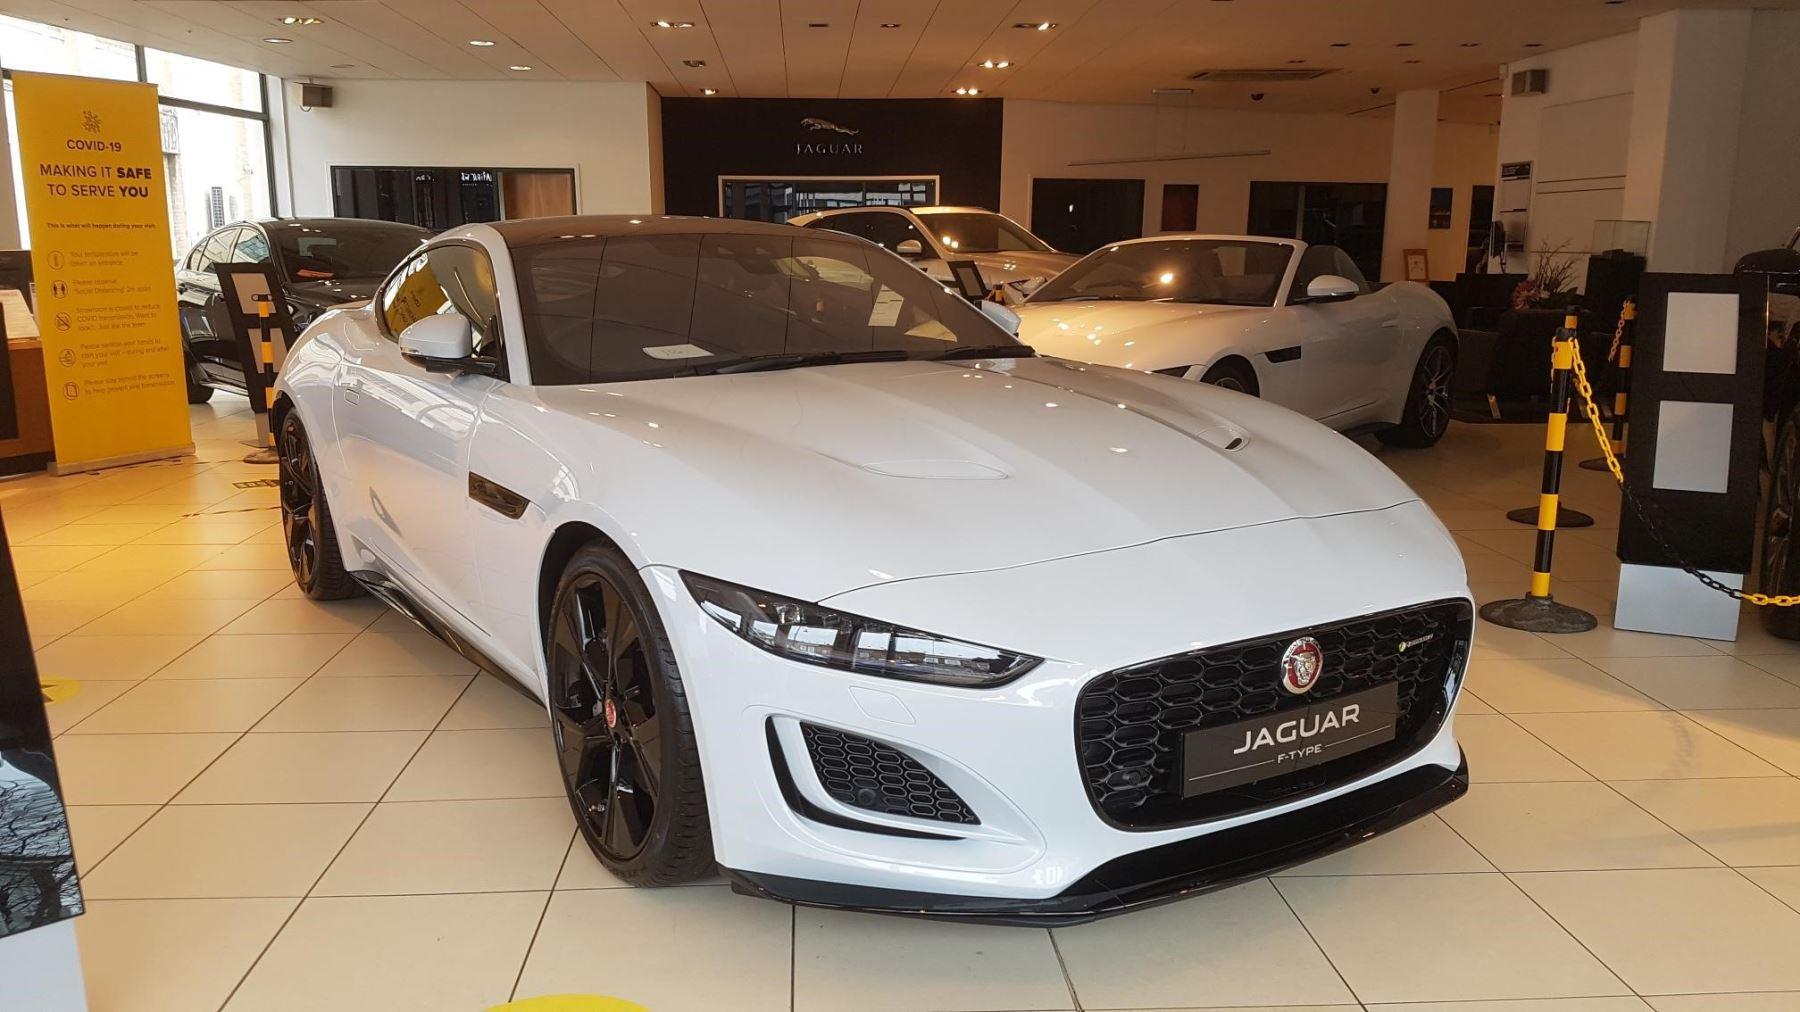 Jaguar F-TYPE 2.0 P300 R-Dynamic Automatic 2 door Coupe